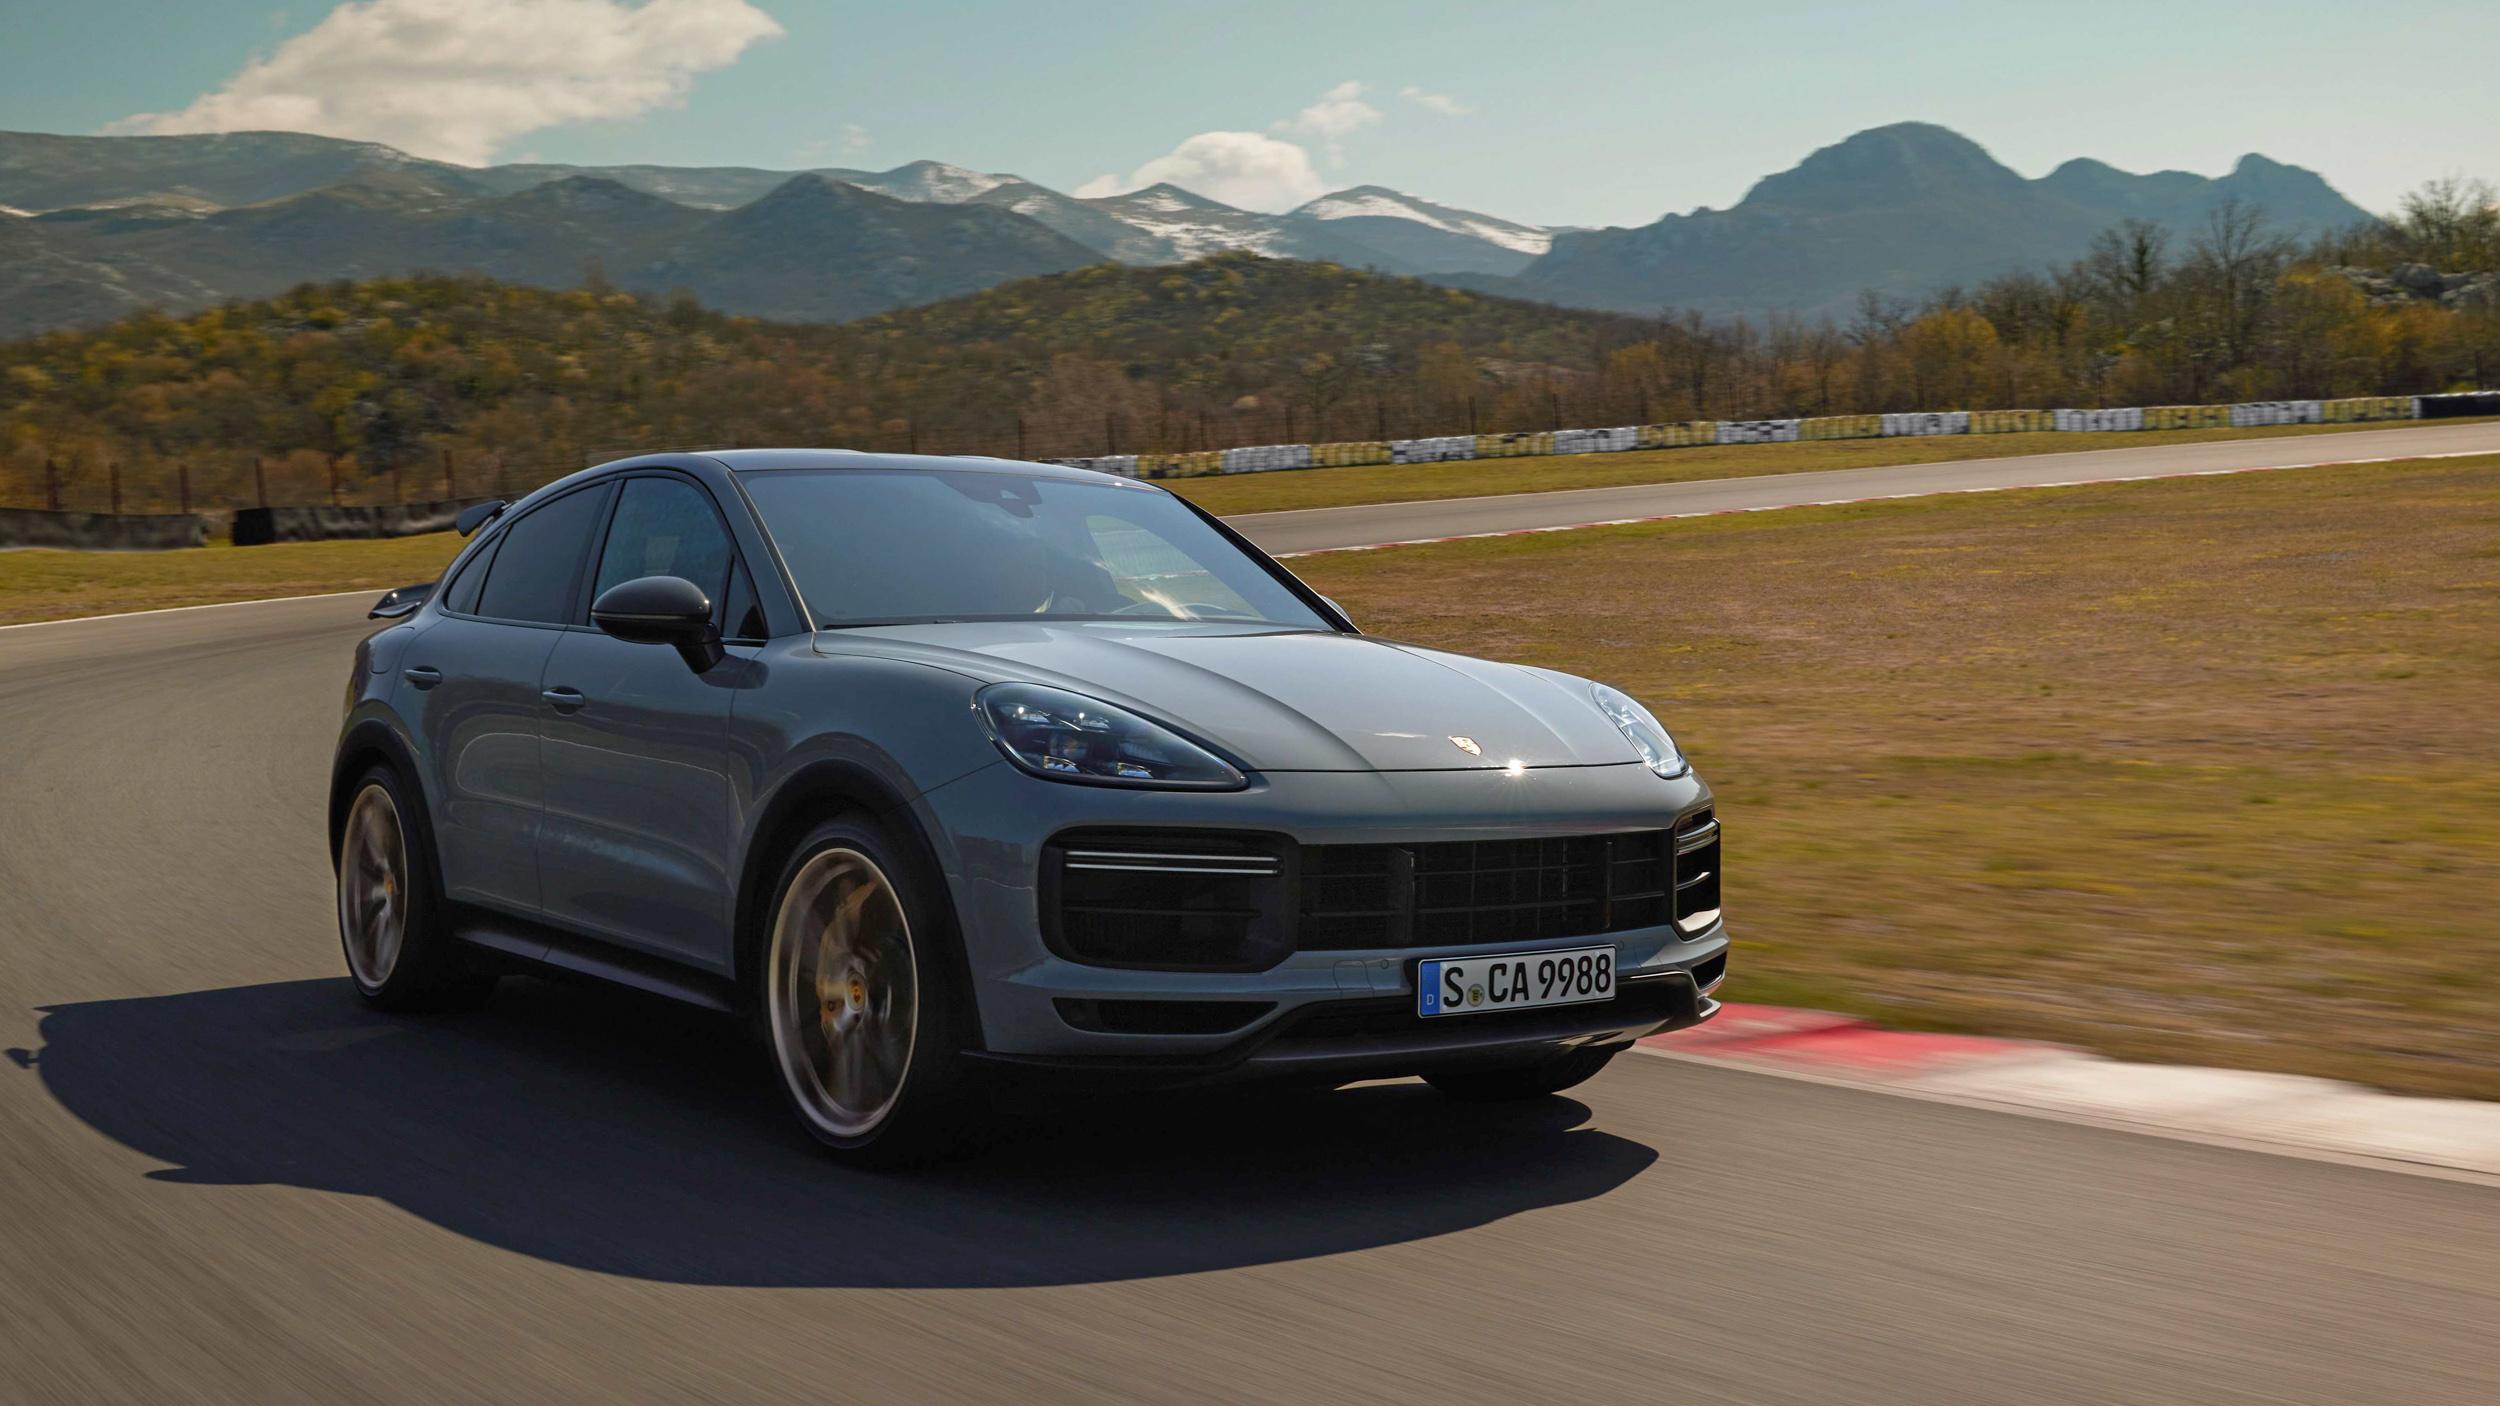 紐柏林紀錄新王者!Porsche 全新 Cayenne Turbo GT 新台幣 950 萬起現身!